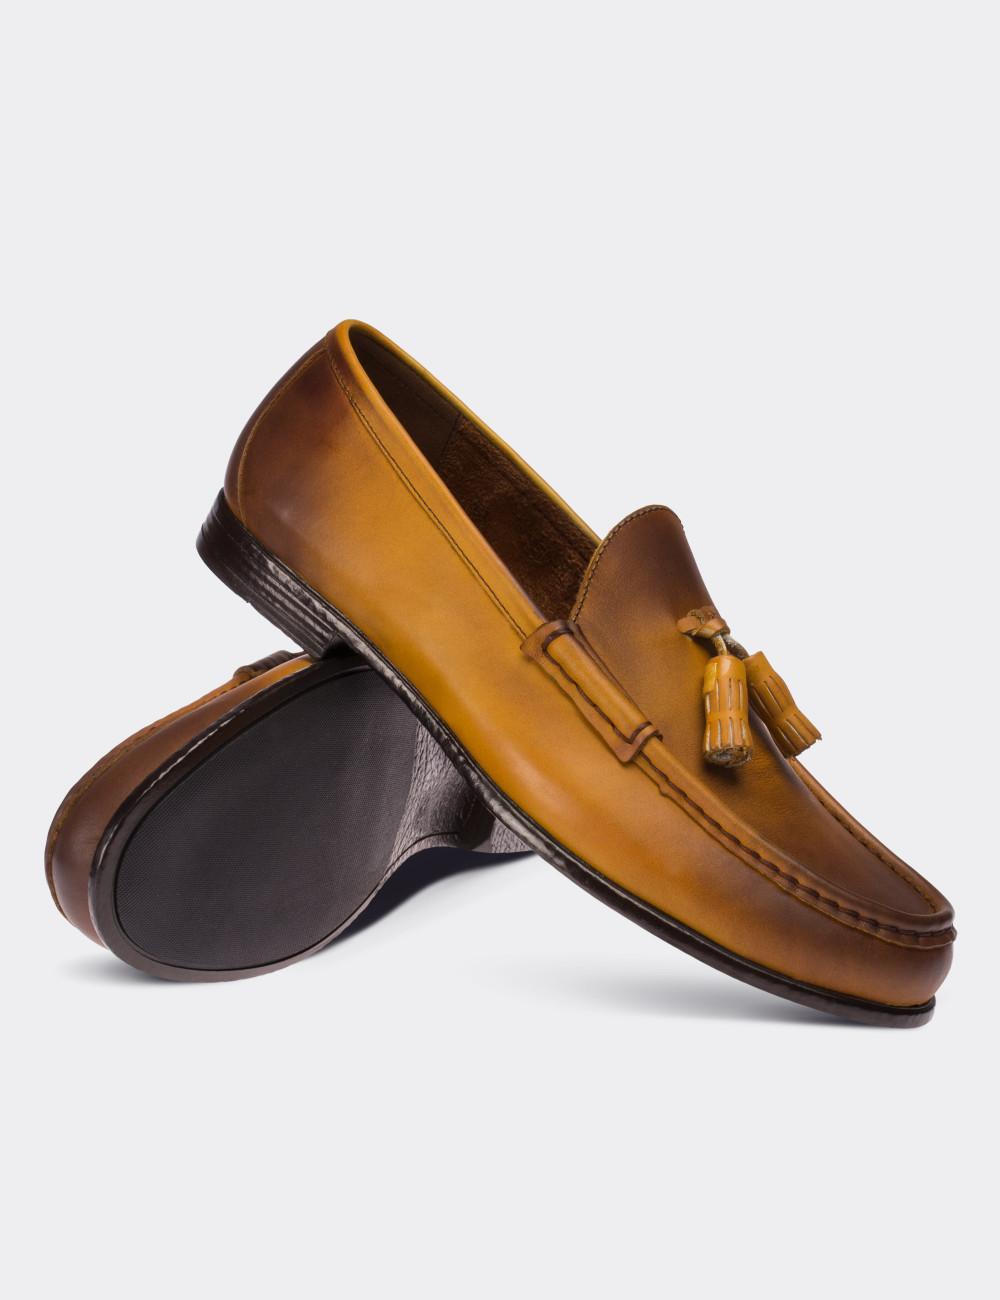 Hakiki Antik Deri Sarı Loafer Erkek Ayakkabı - 01650MSRIC01